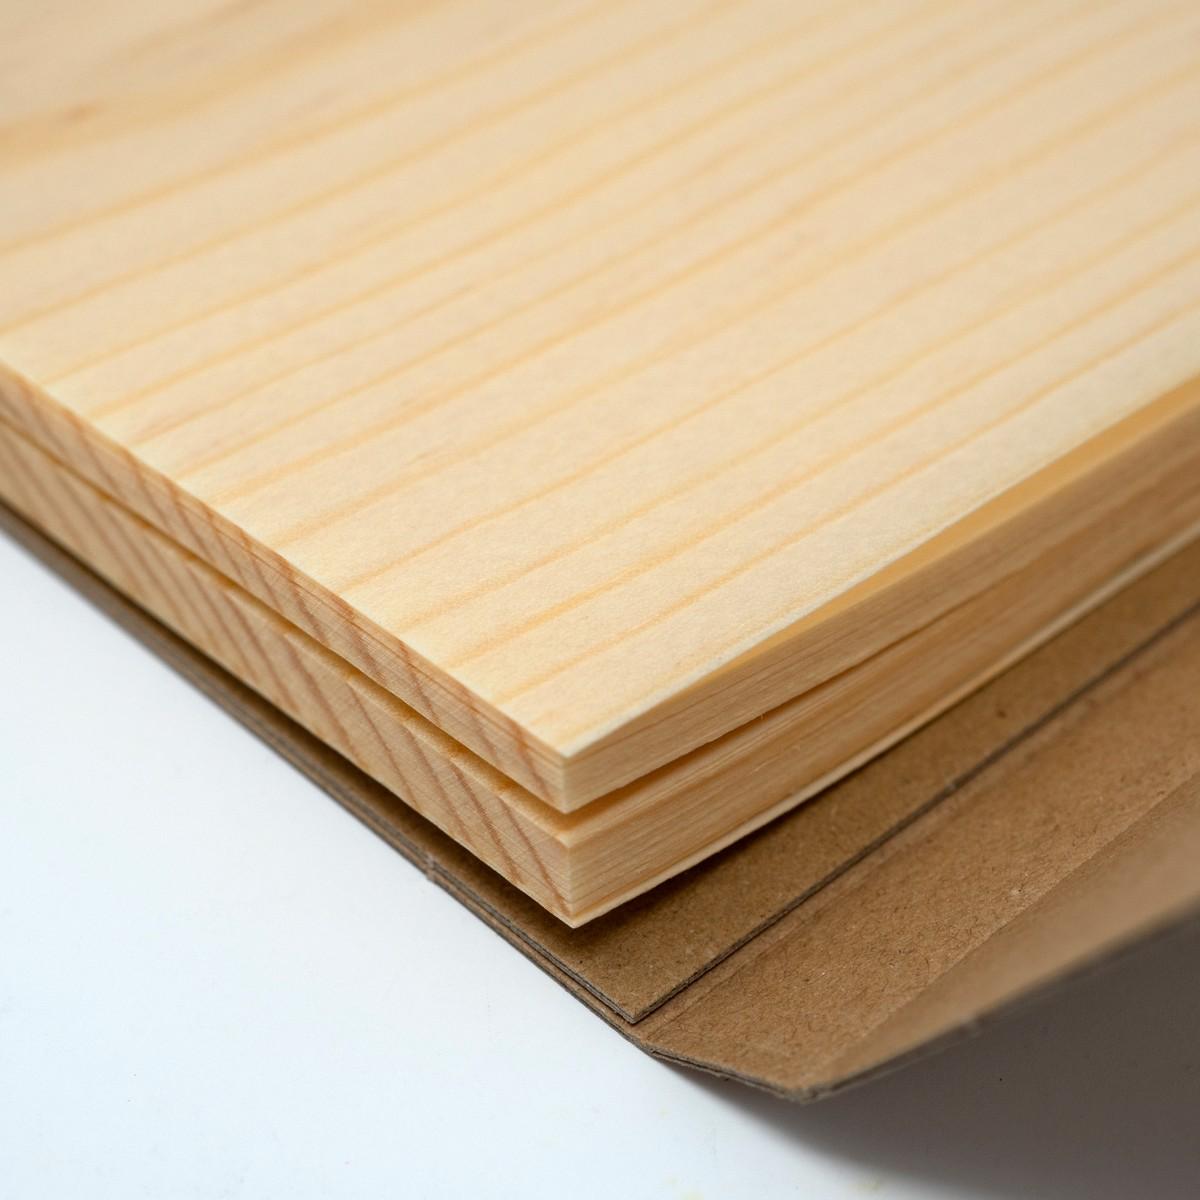 Photo of Japanese Shaved Wood Notepad